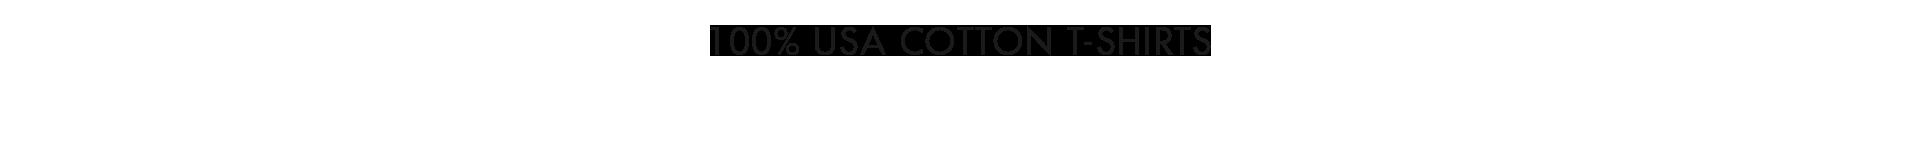 247-USA코튼티셔츠-컬러가이드 이미지